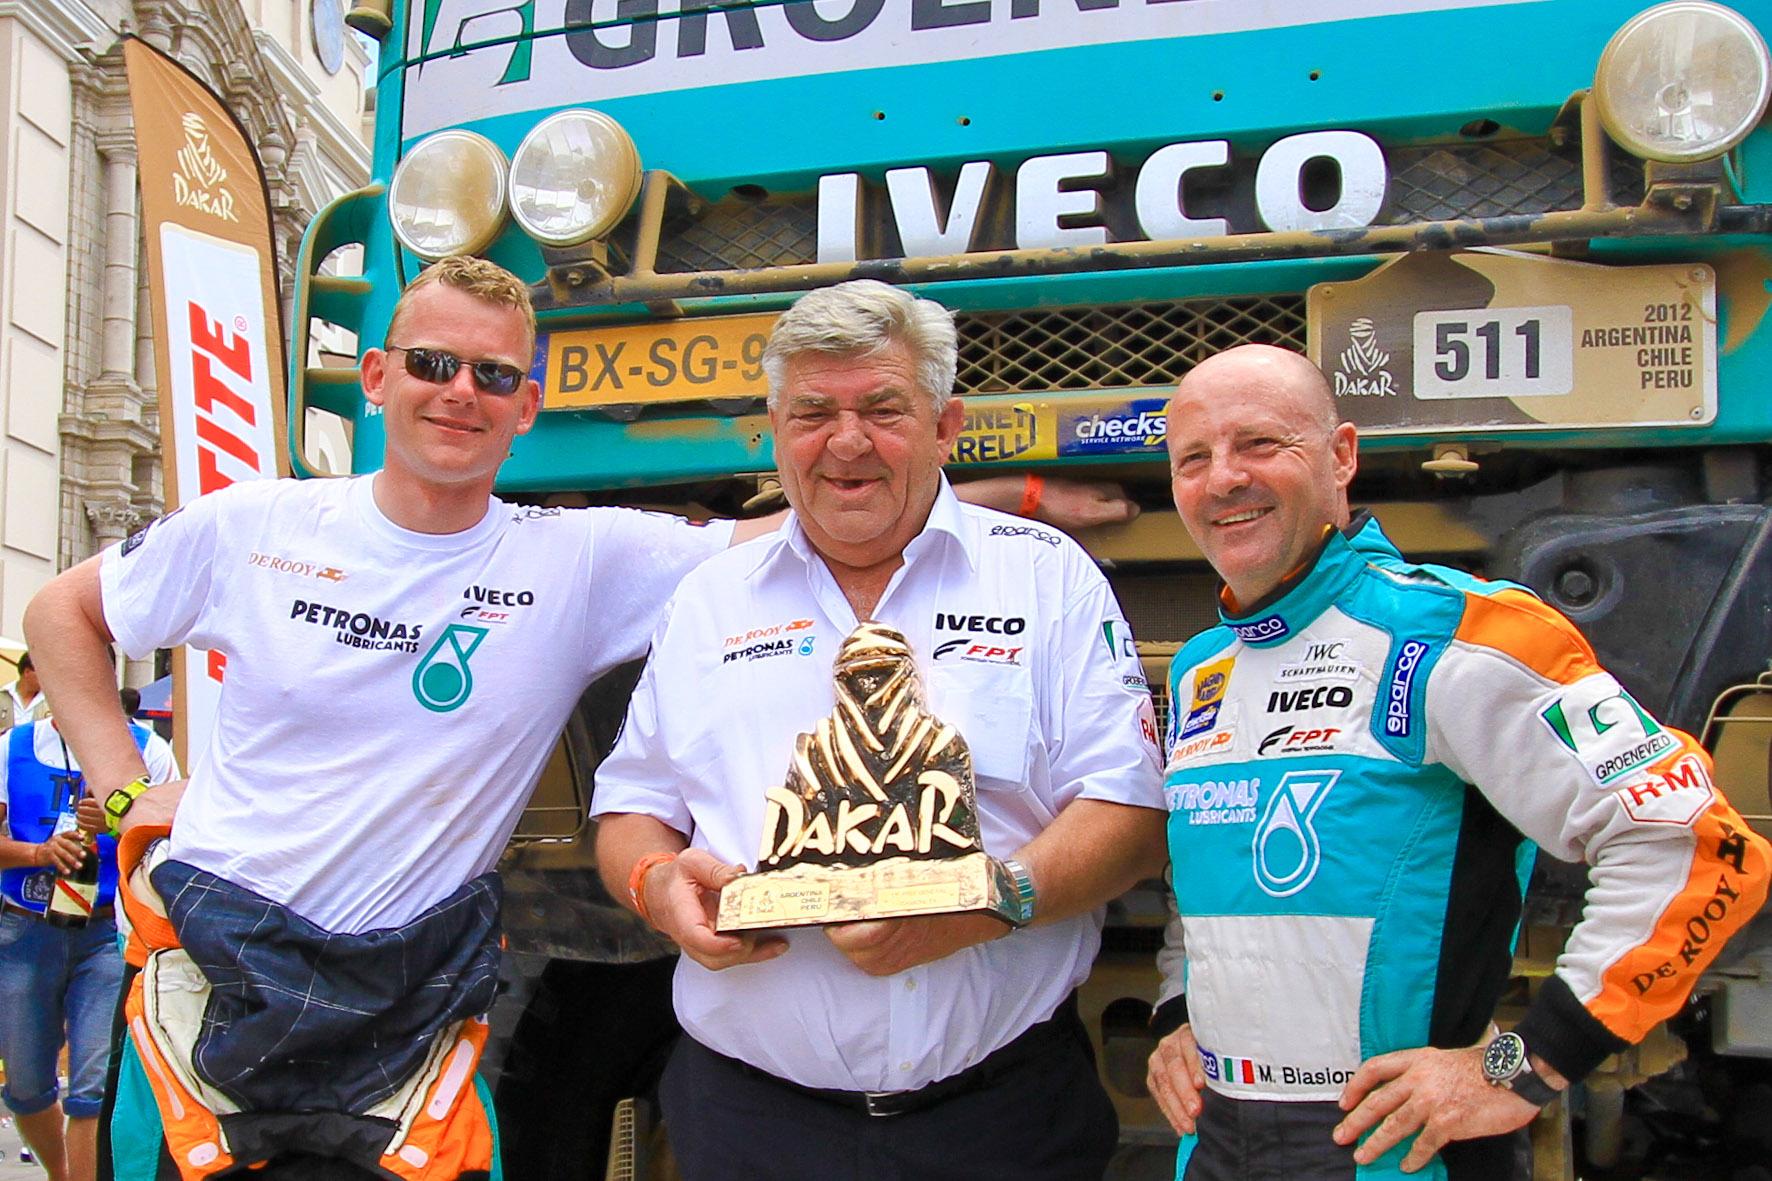 El núcleo del equipo De Rooy Iveco, de izq, a der., Gerard, su padre Jan y el italiano Biasion.